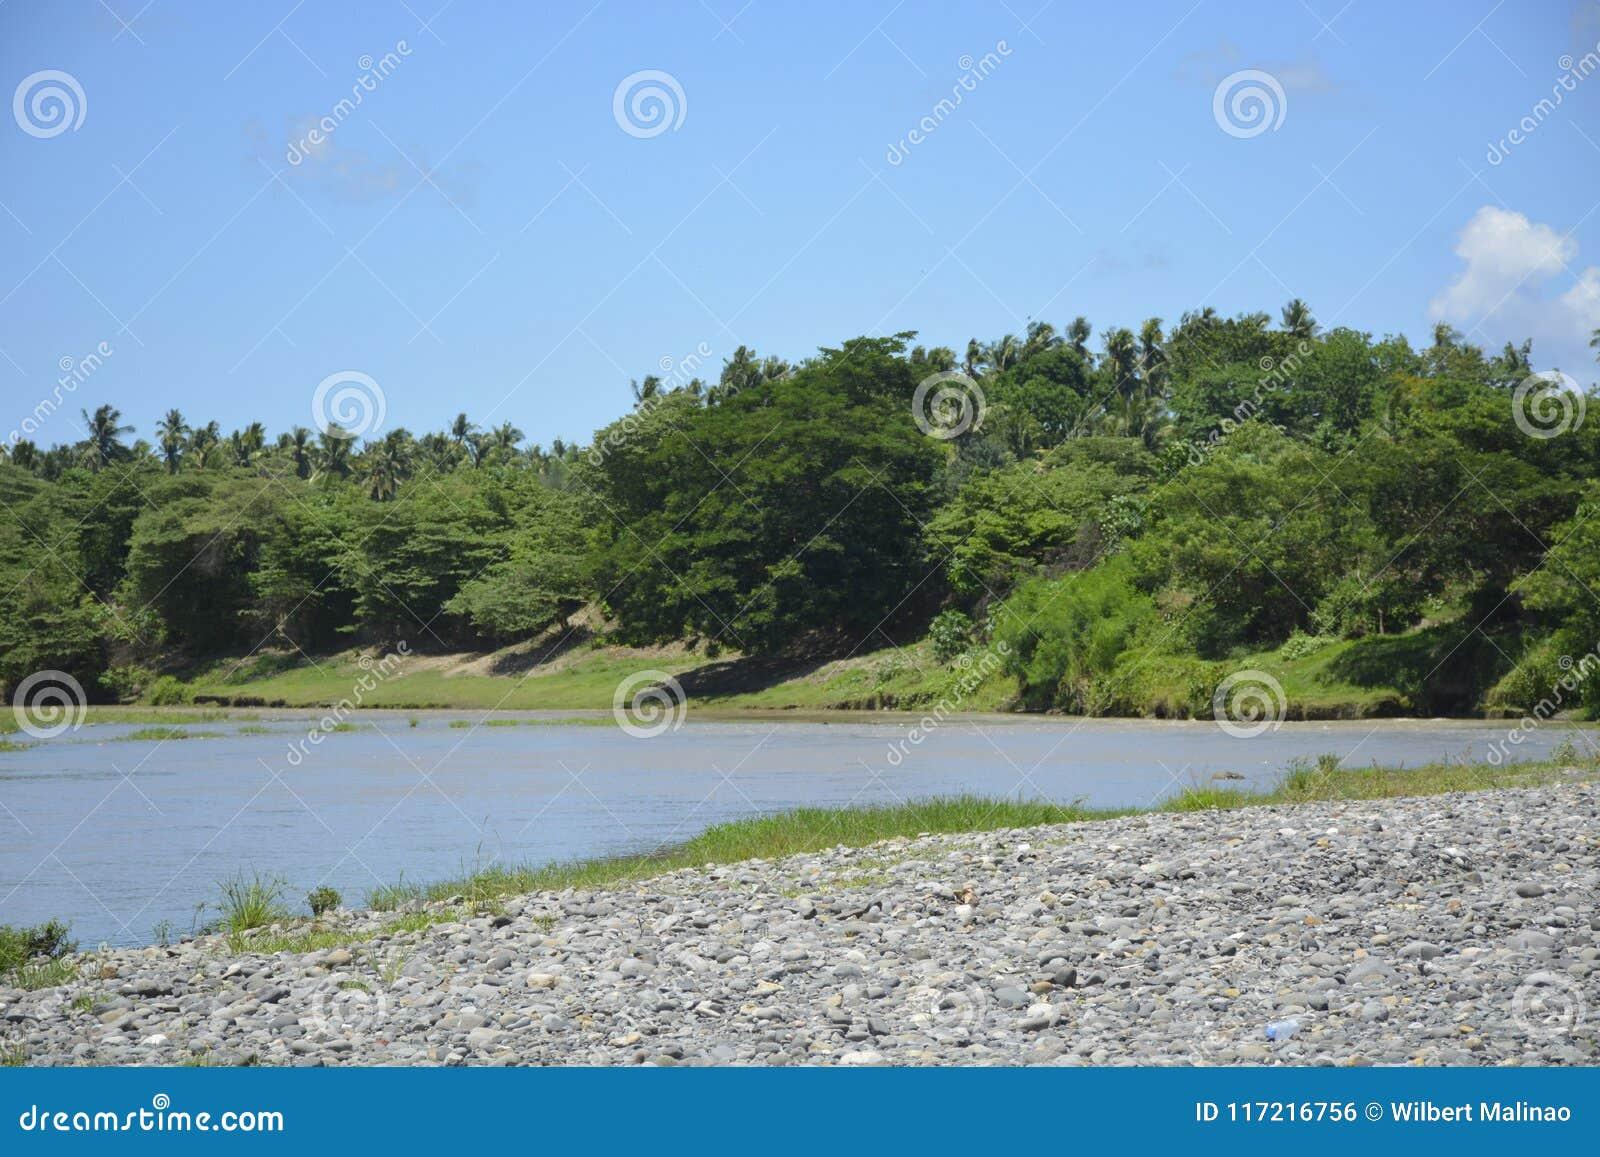 Rośliny Rosnąć W Riverbank Padada-Miral rzeka, Lapulabao, Hagonoy, Davao Del Sura, Filipiny